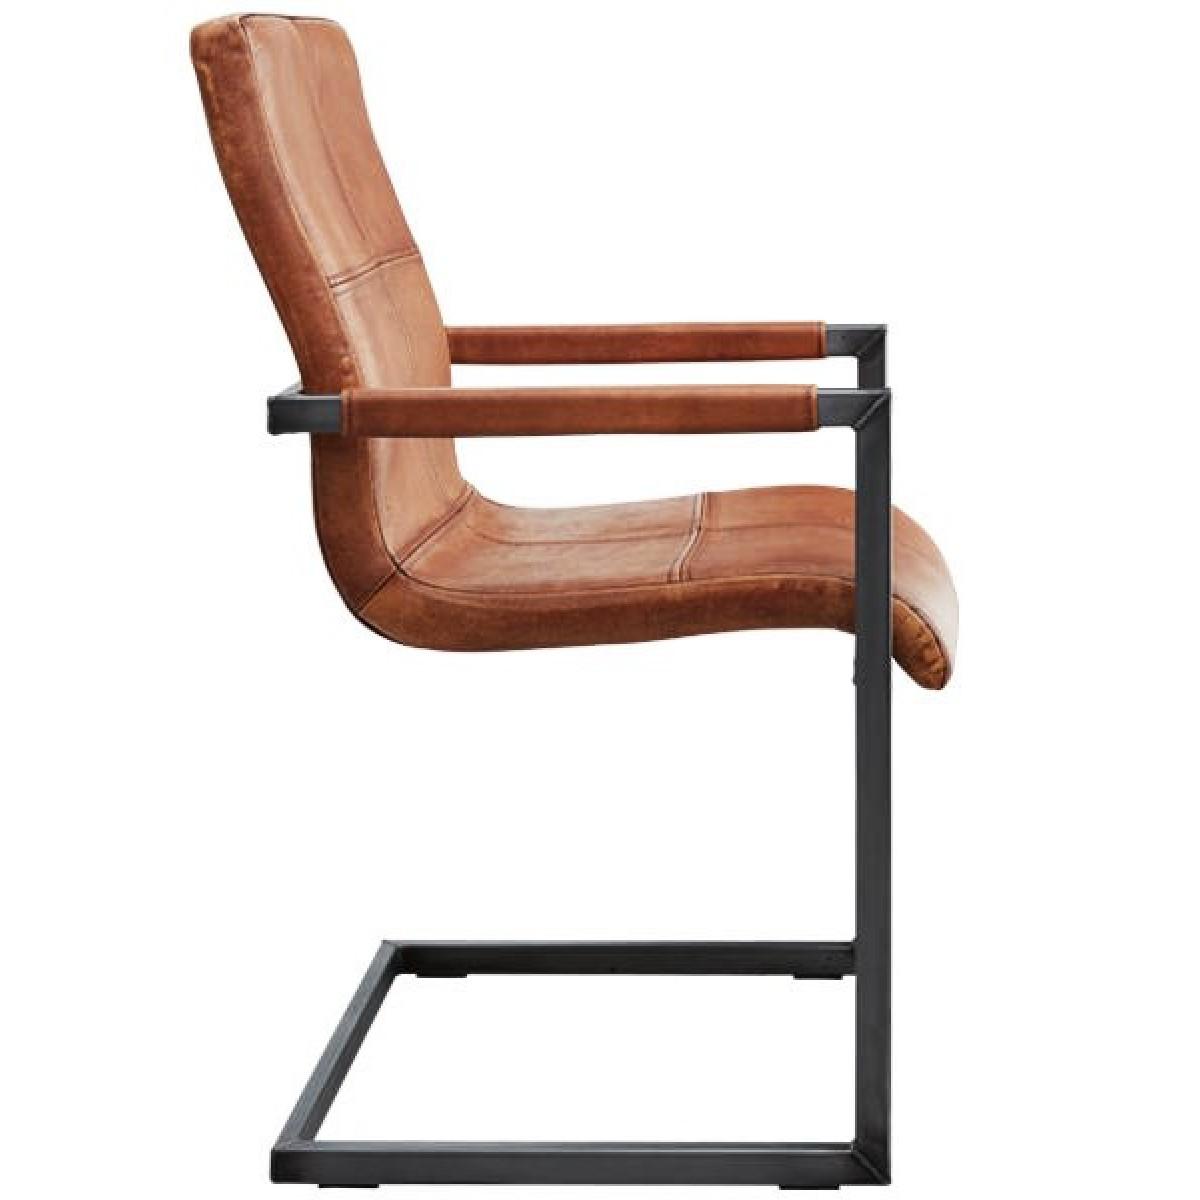 St hl quadro i live design preisg nstig online moebel kaufen for Sessel quadro